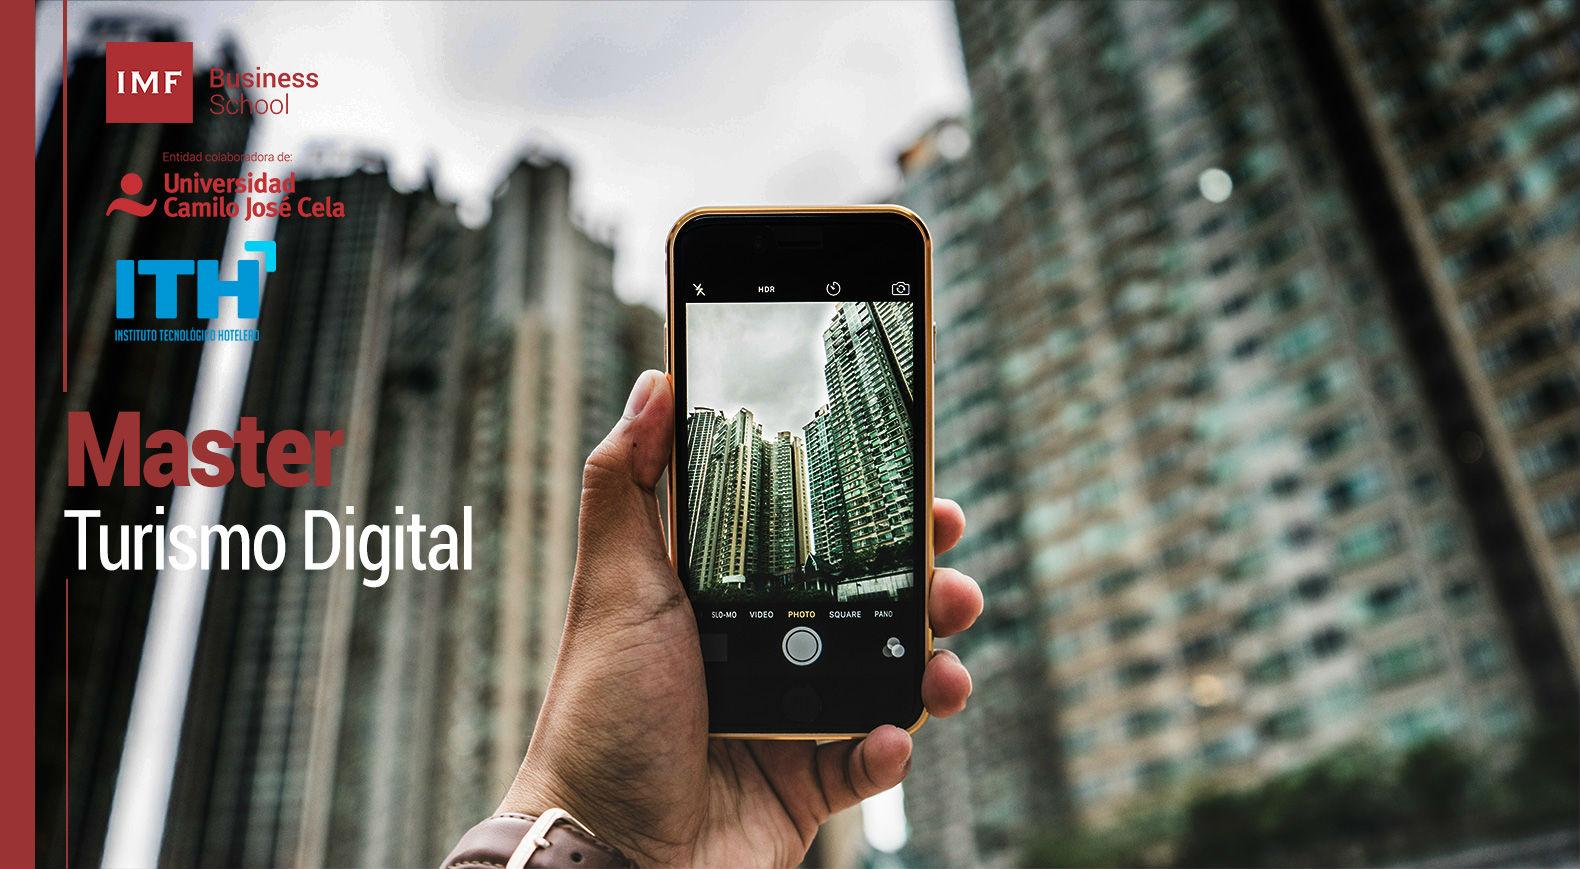 master en turismo digital